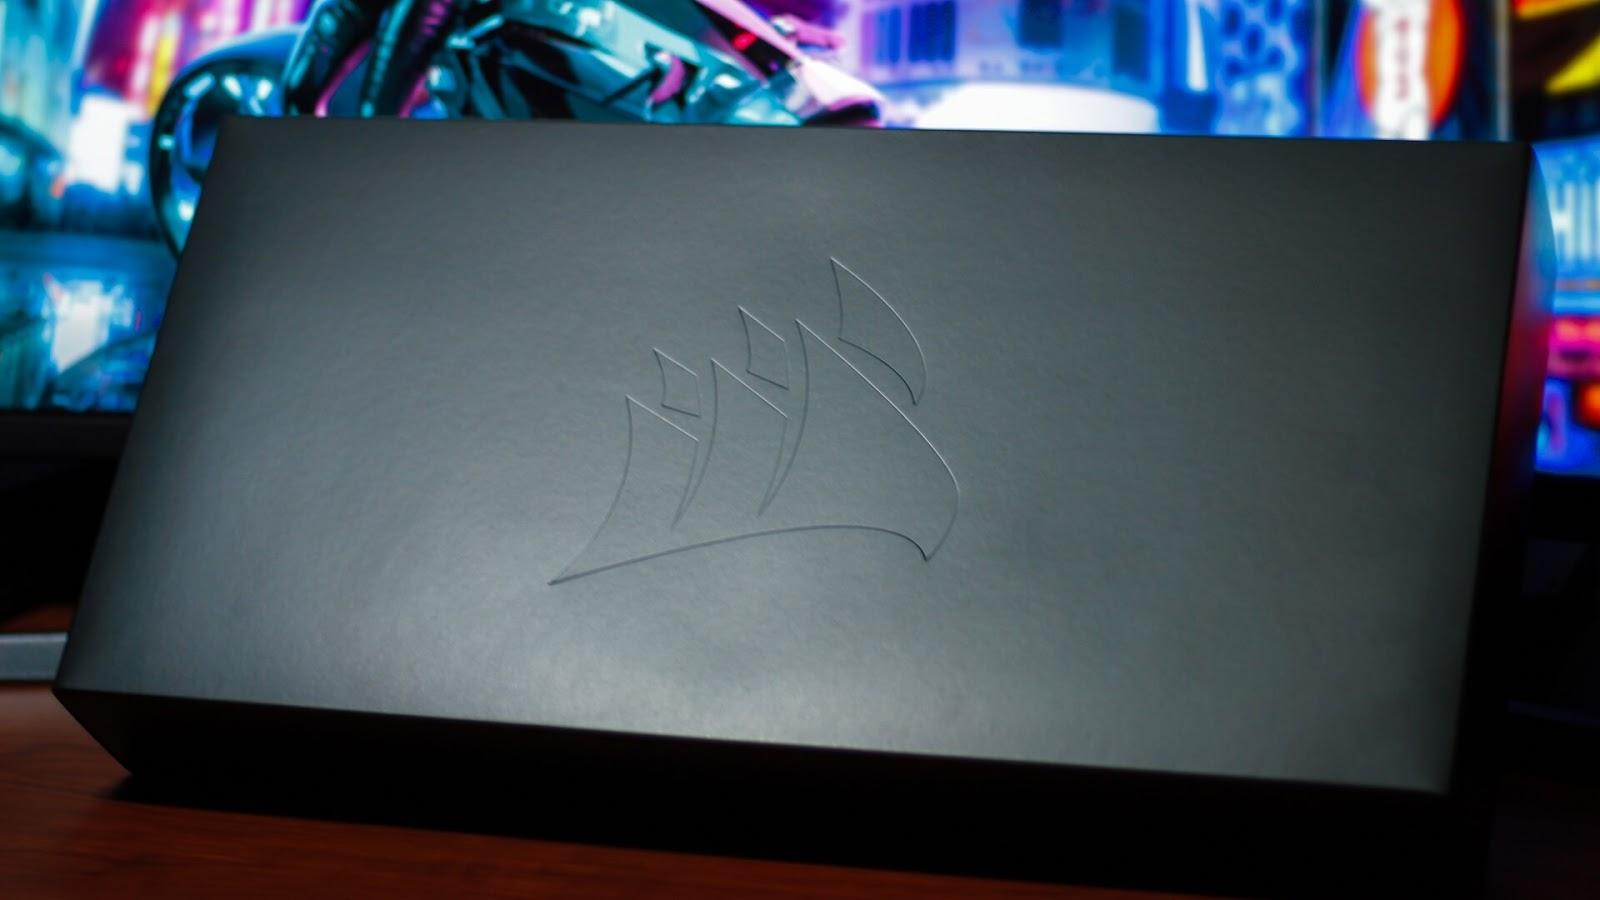 مراجعة لوحة مفاتيح الكيبورد Corsair K95 RGB Platinum SE